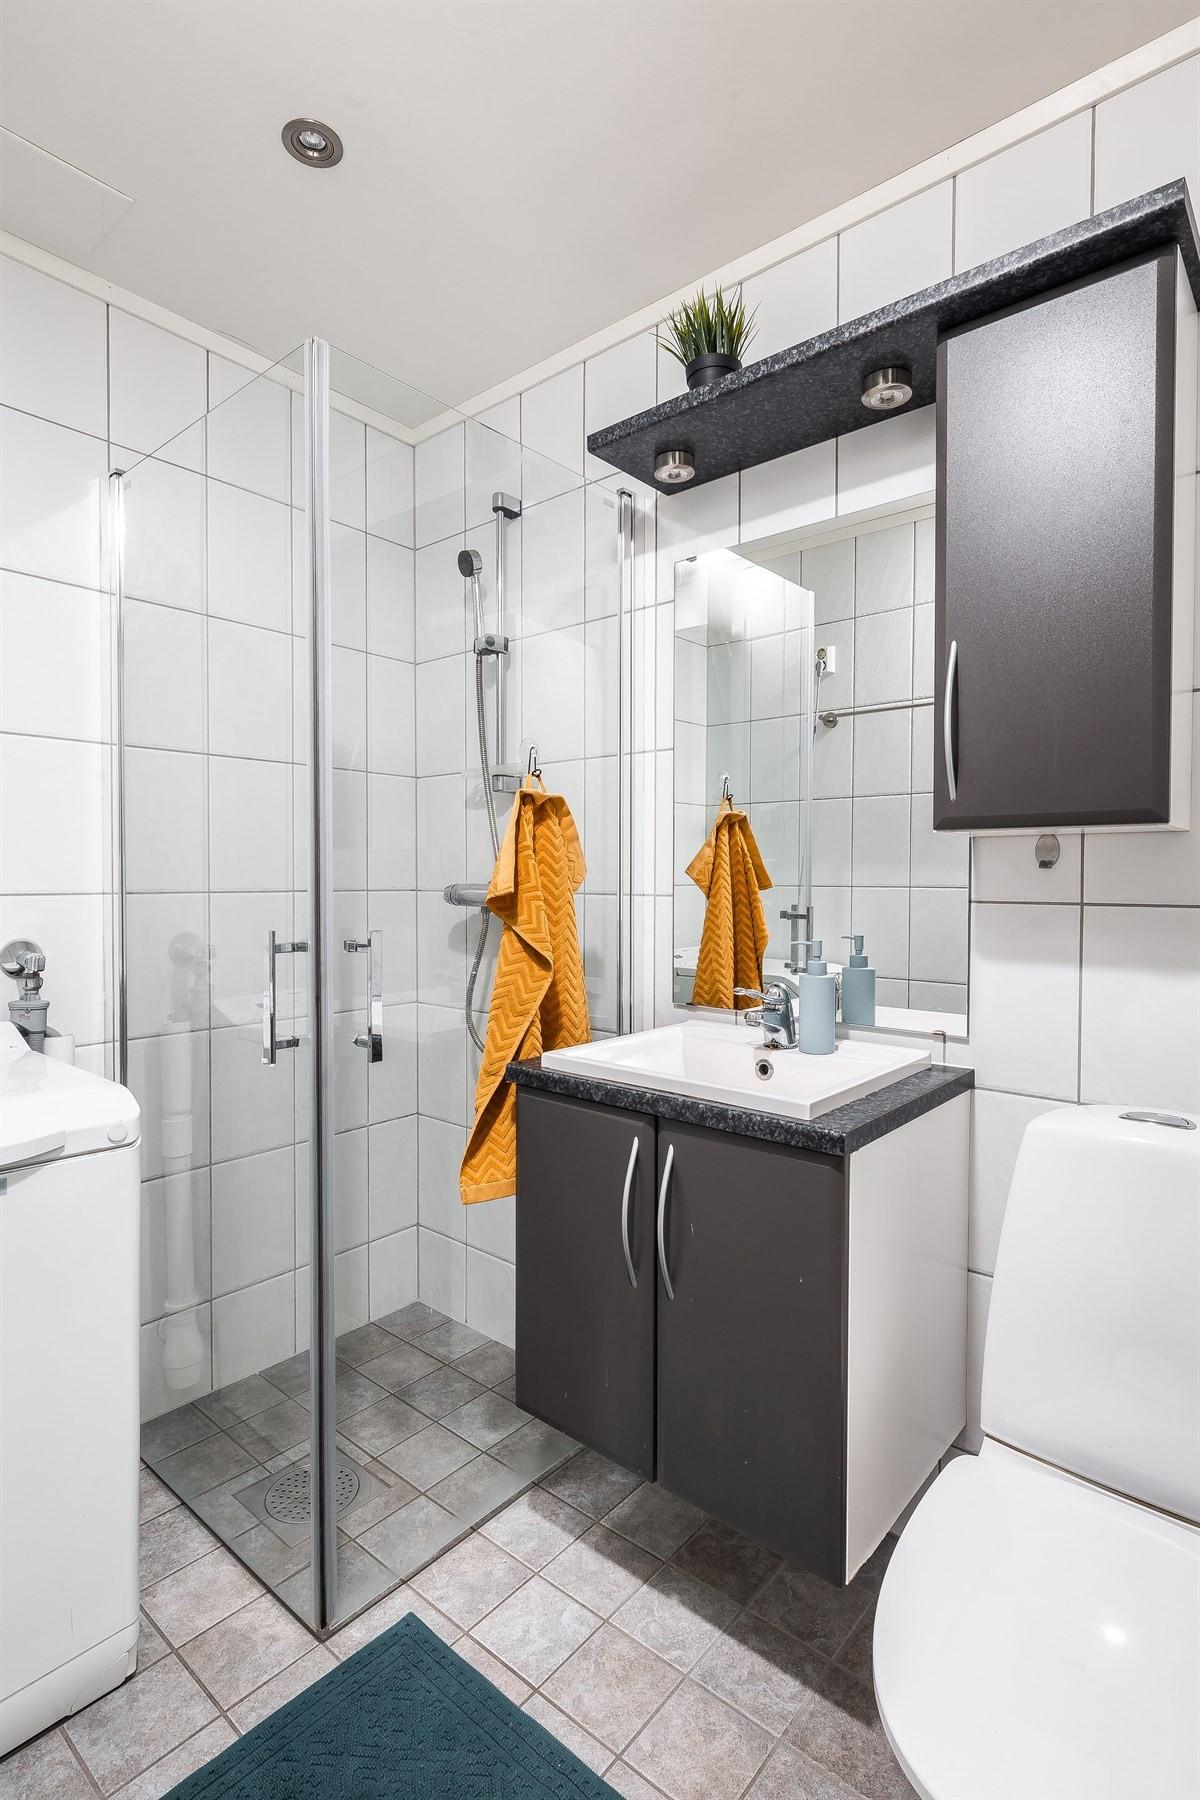 Komplett fliselagt bad med varme i gulv. Opplegg for vaskemaskin